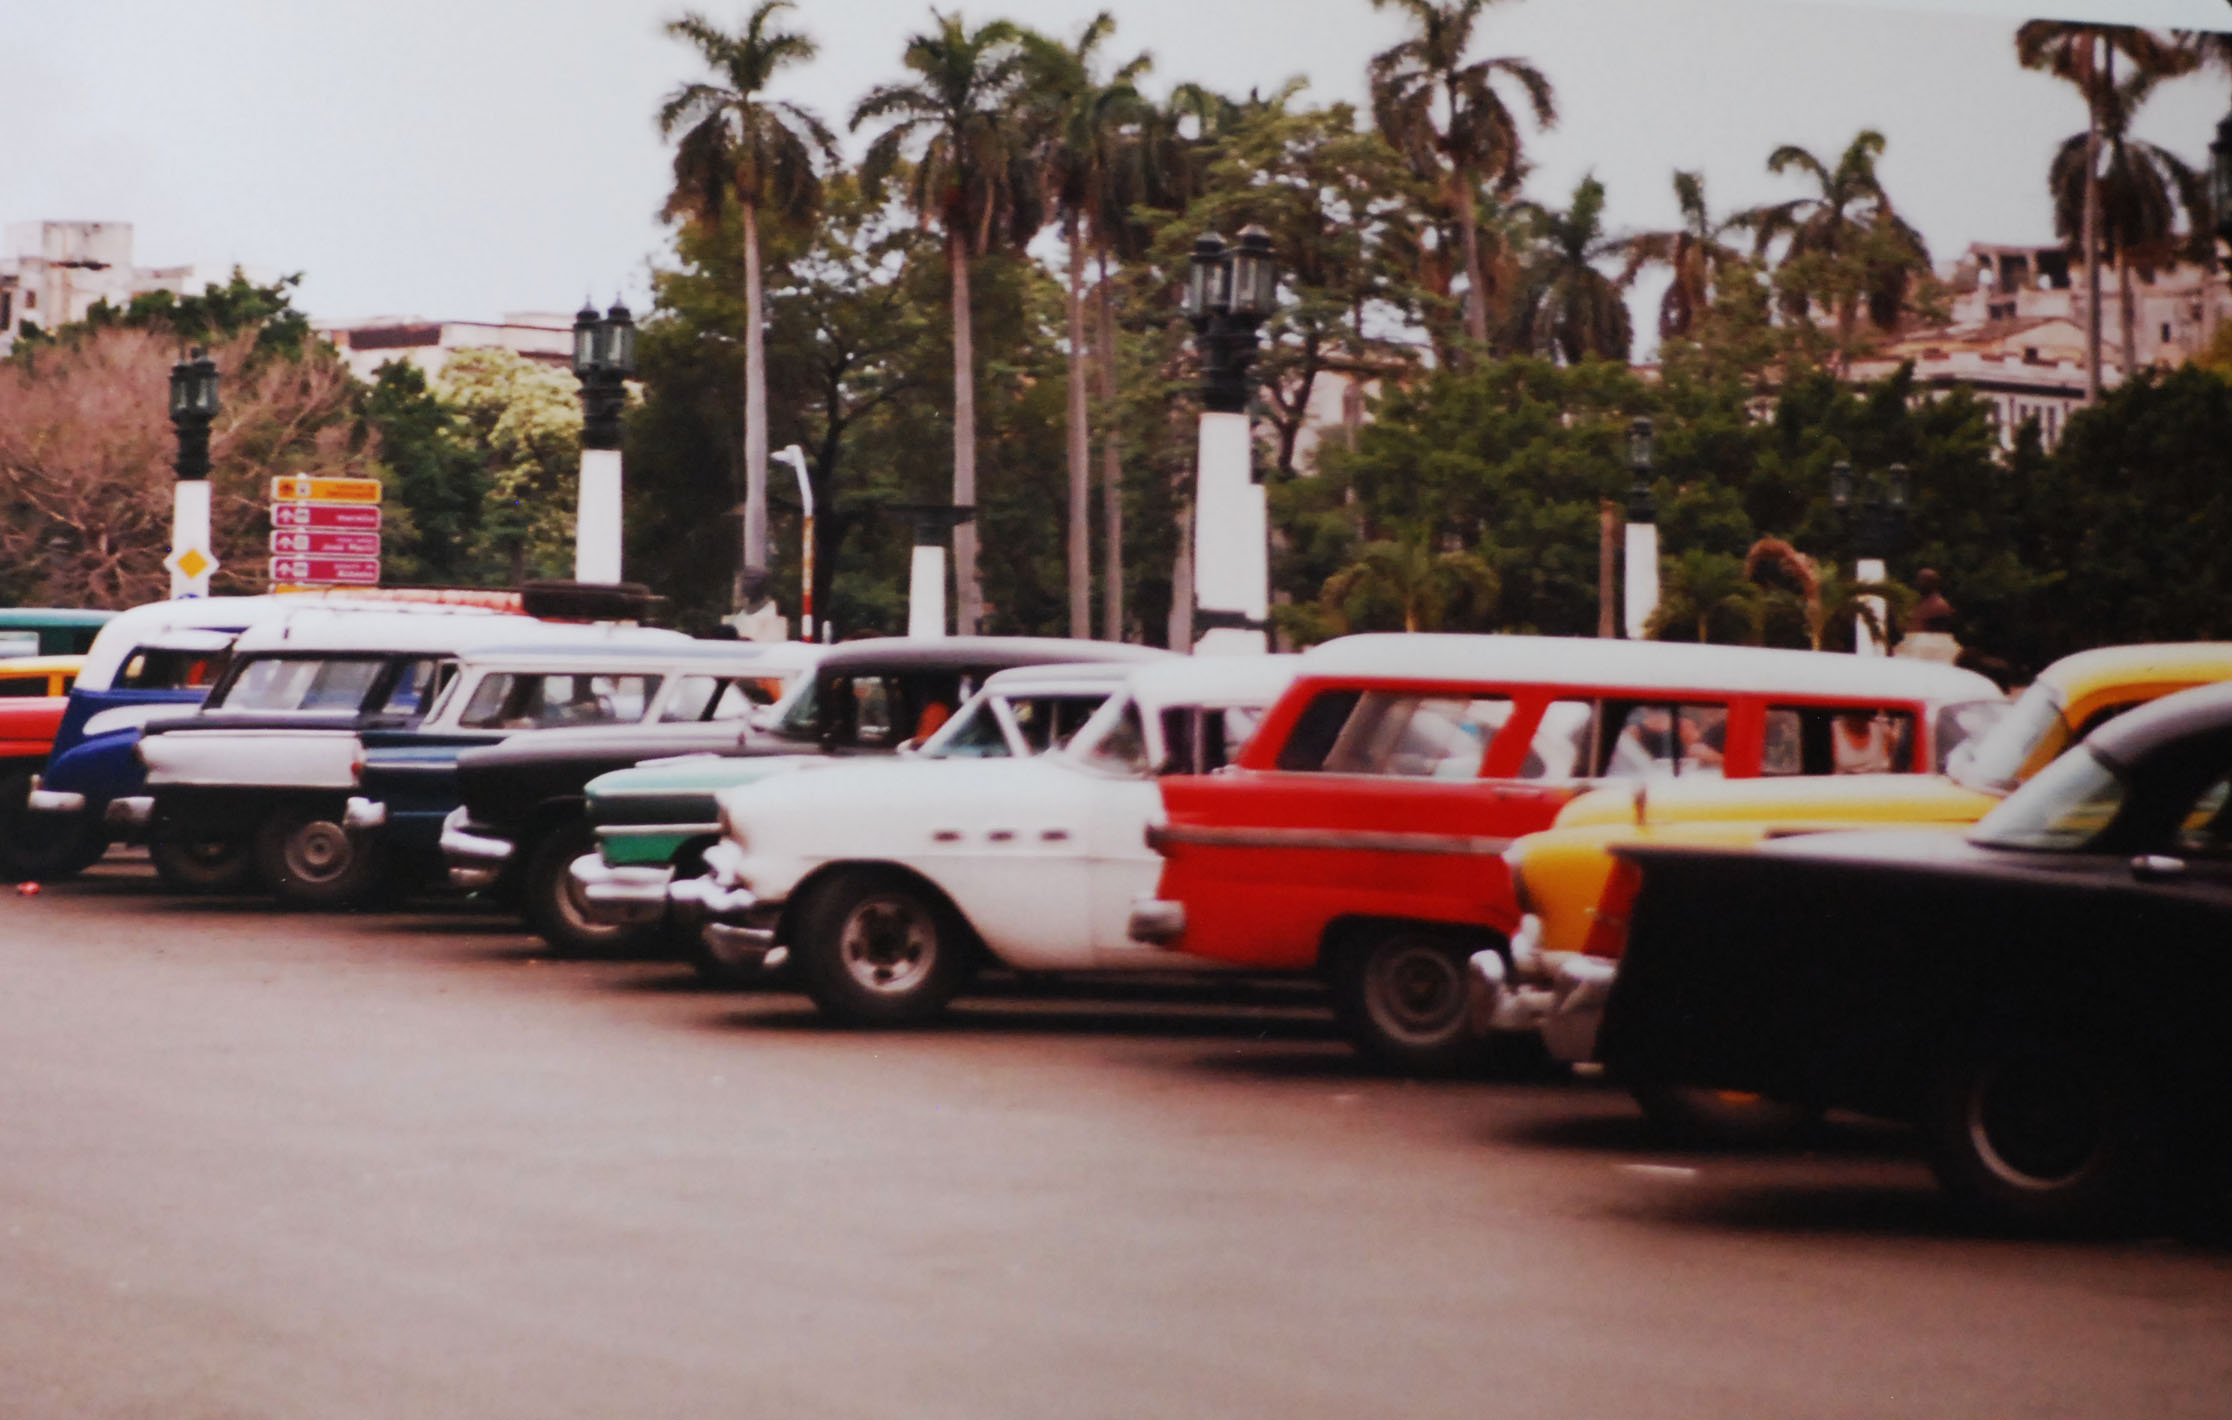 Cuba Cars2.jpg